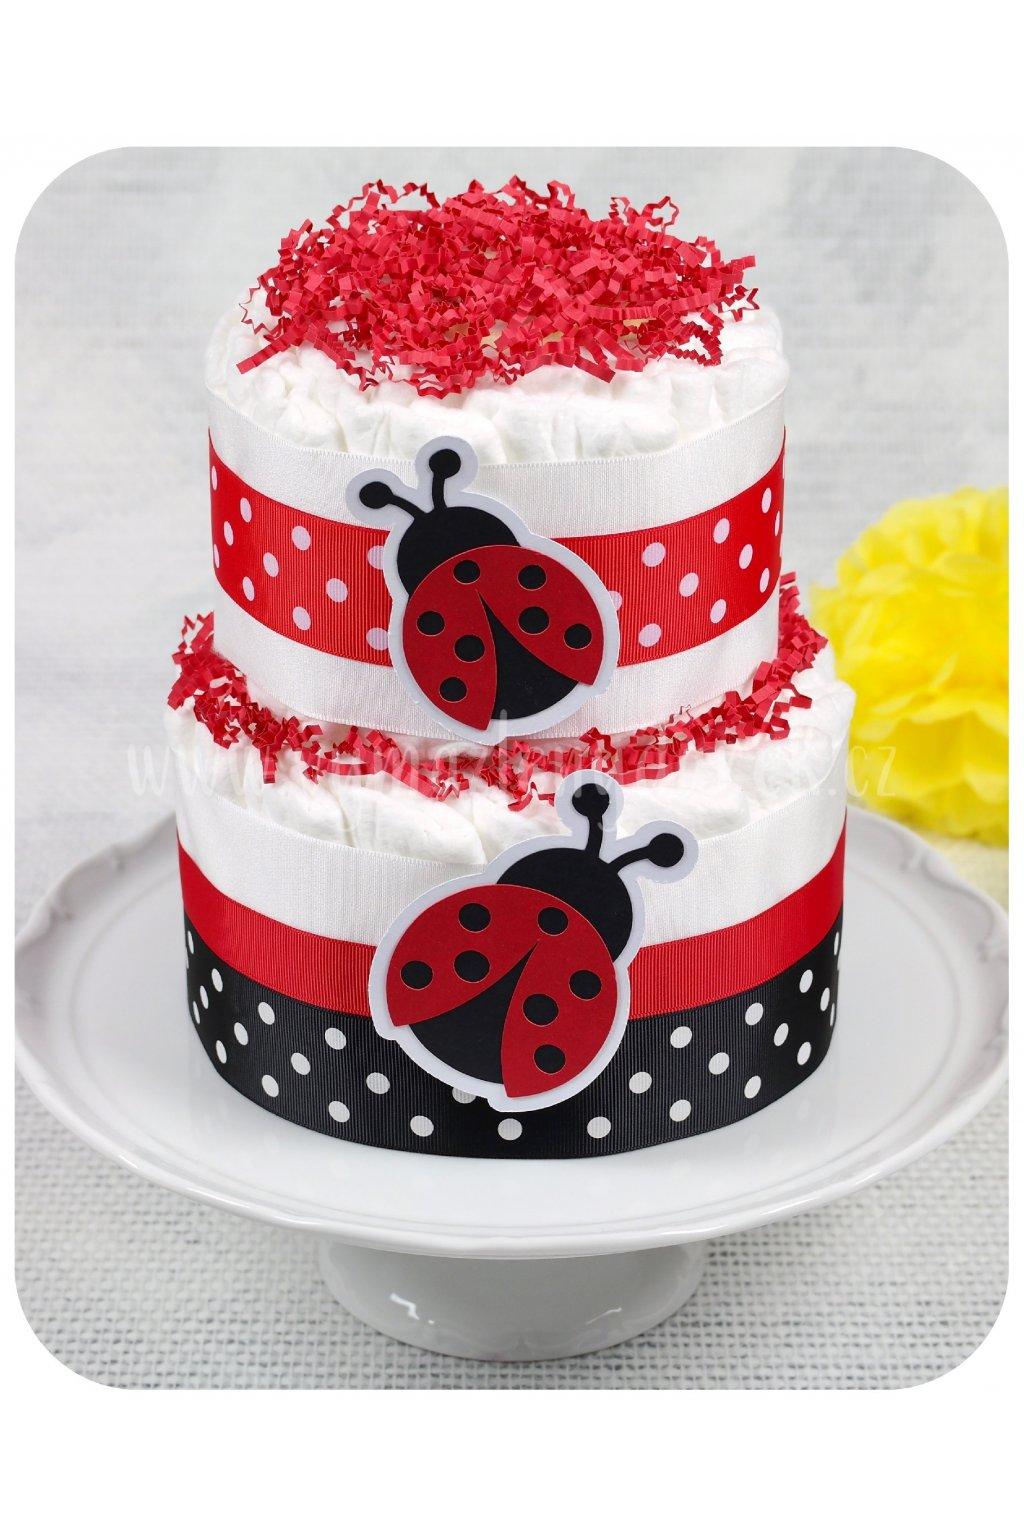 Dvoupatrový plenkový dort Berušky